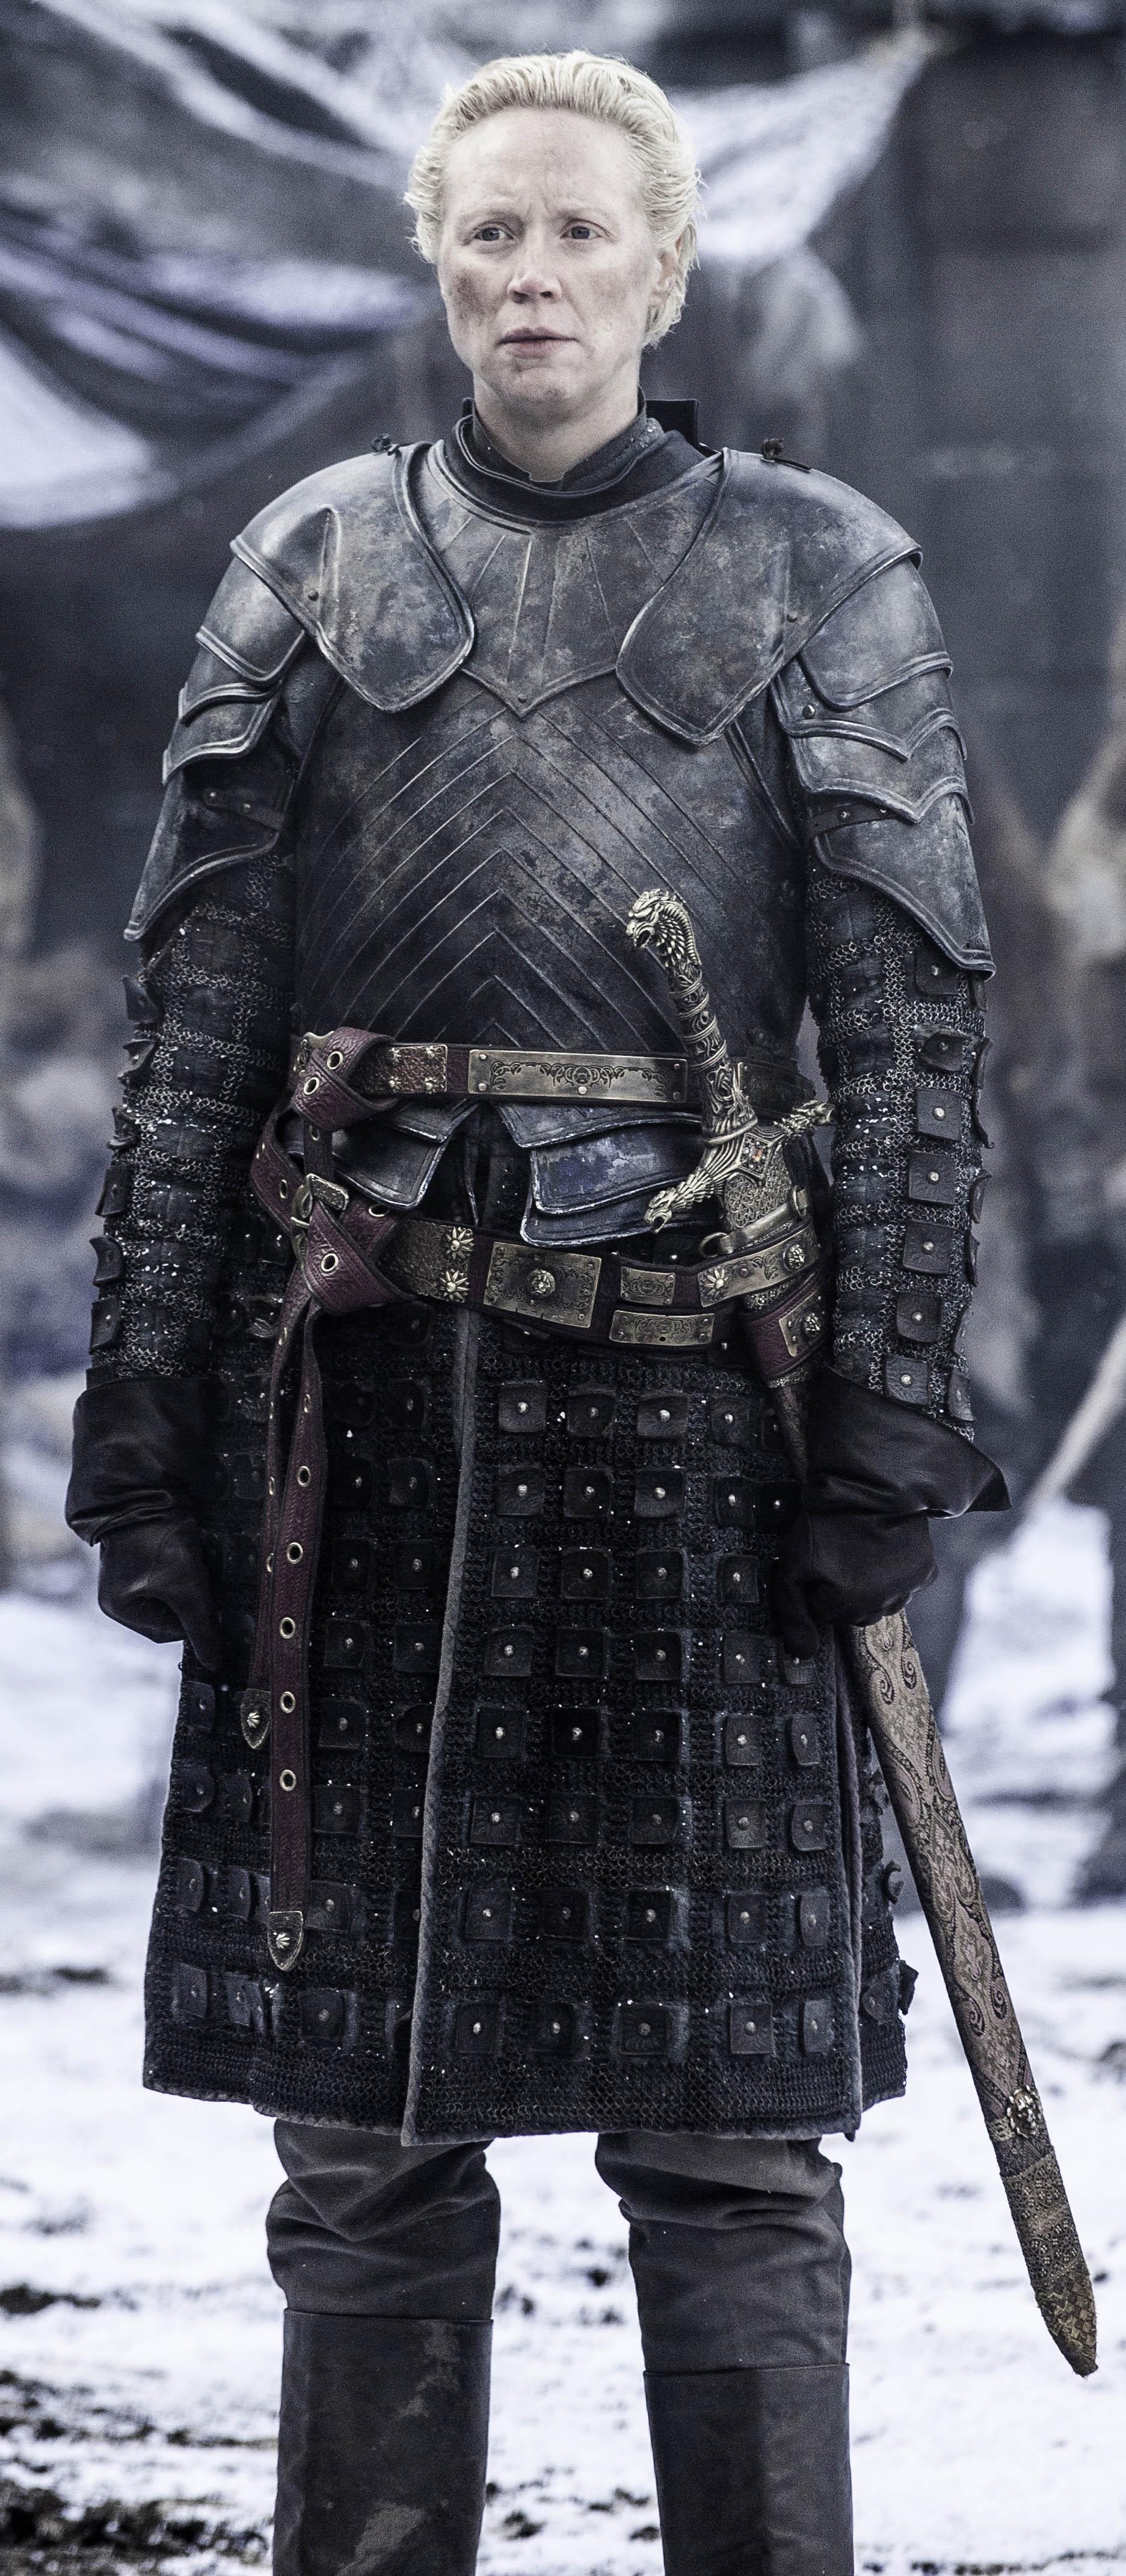 Brienne von Tarth | Game of Thrones Wiki | FANDOM powered